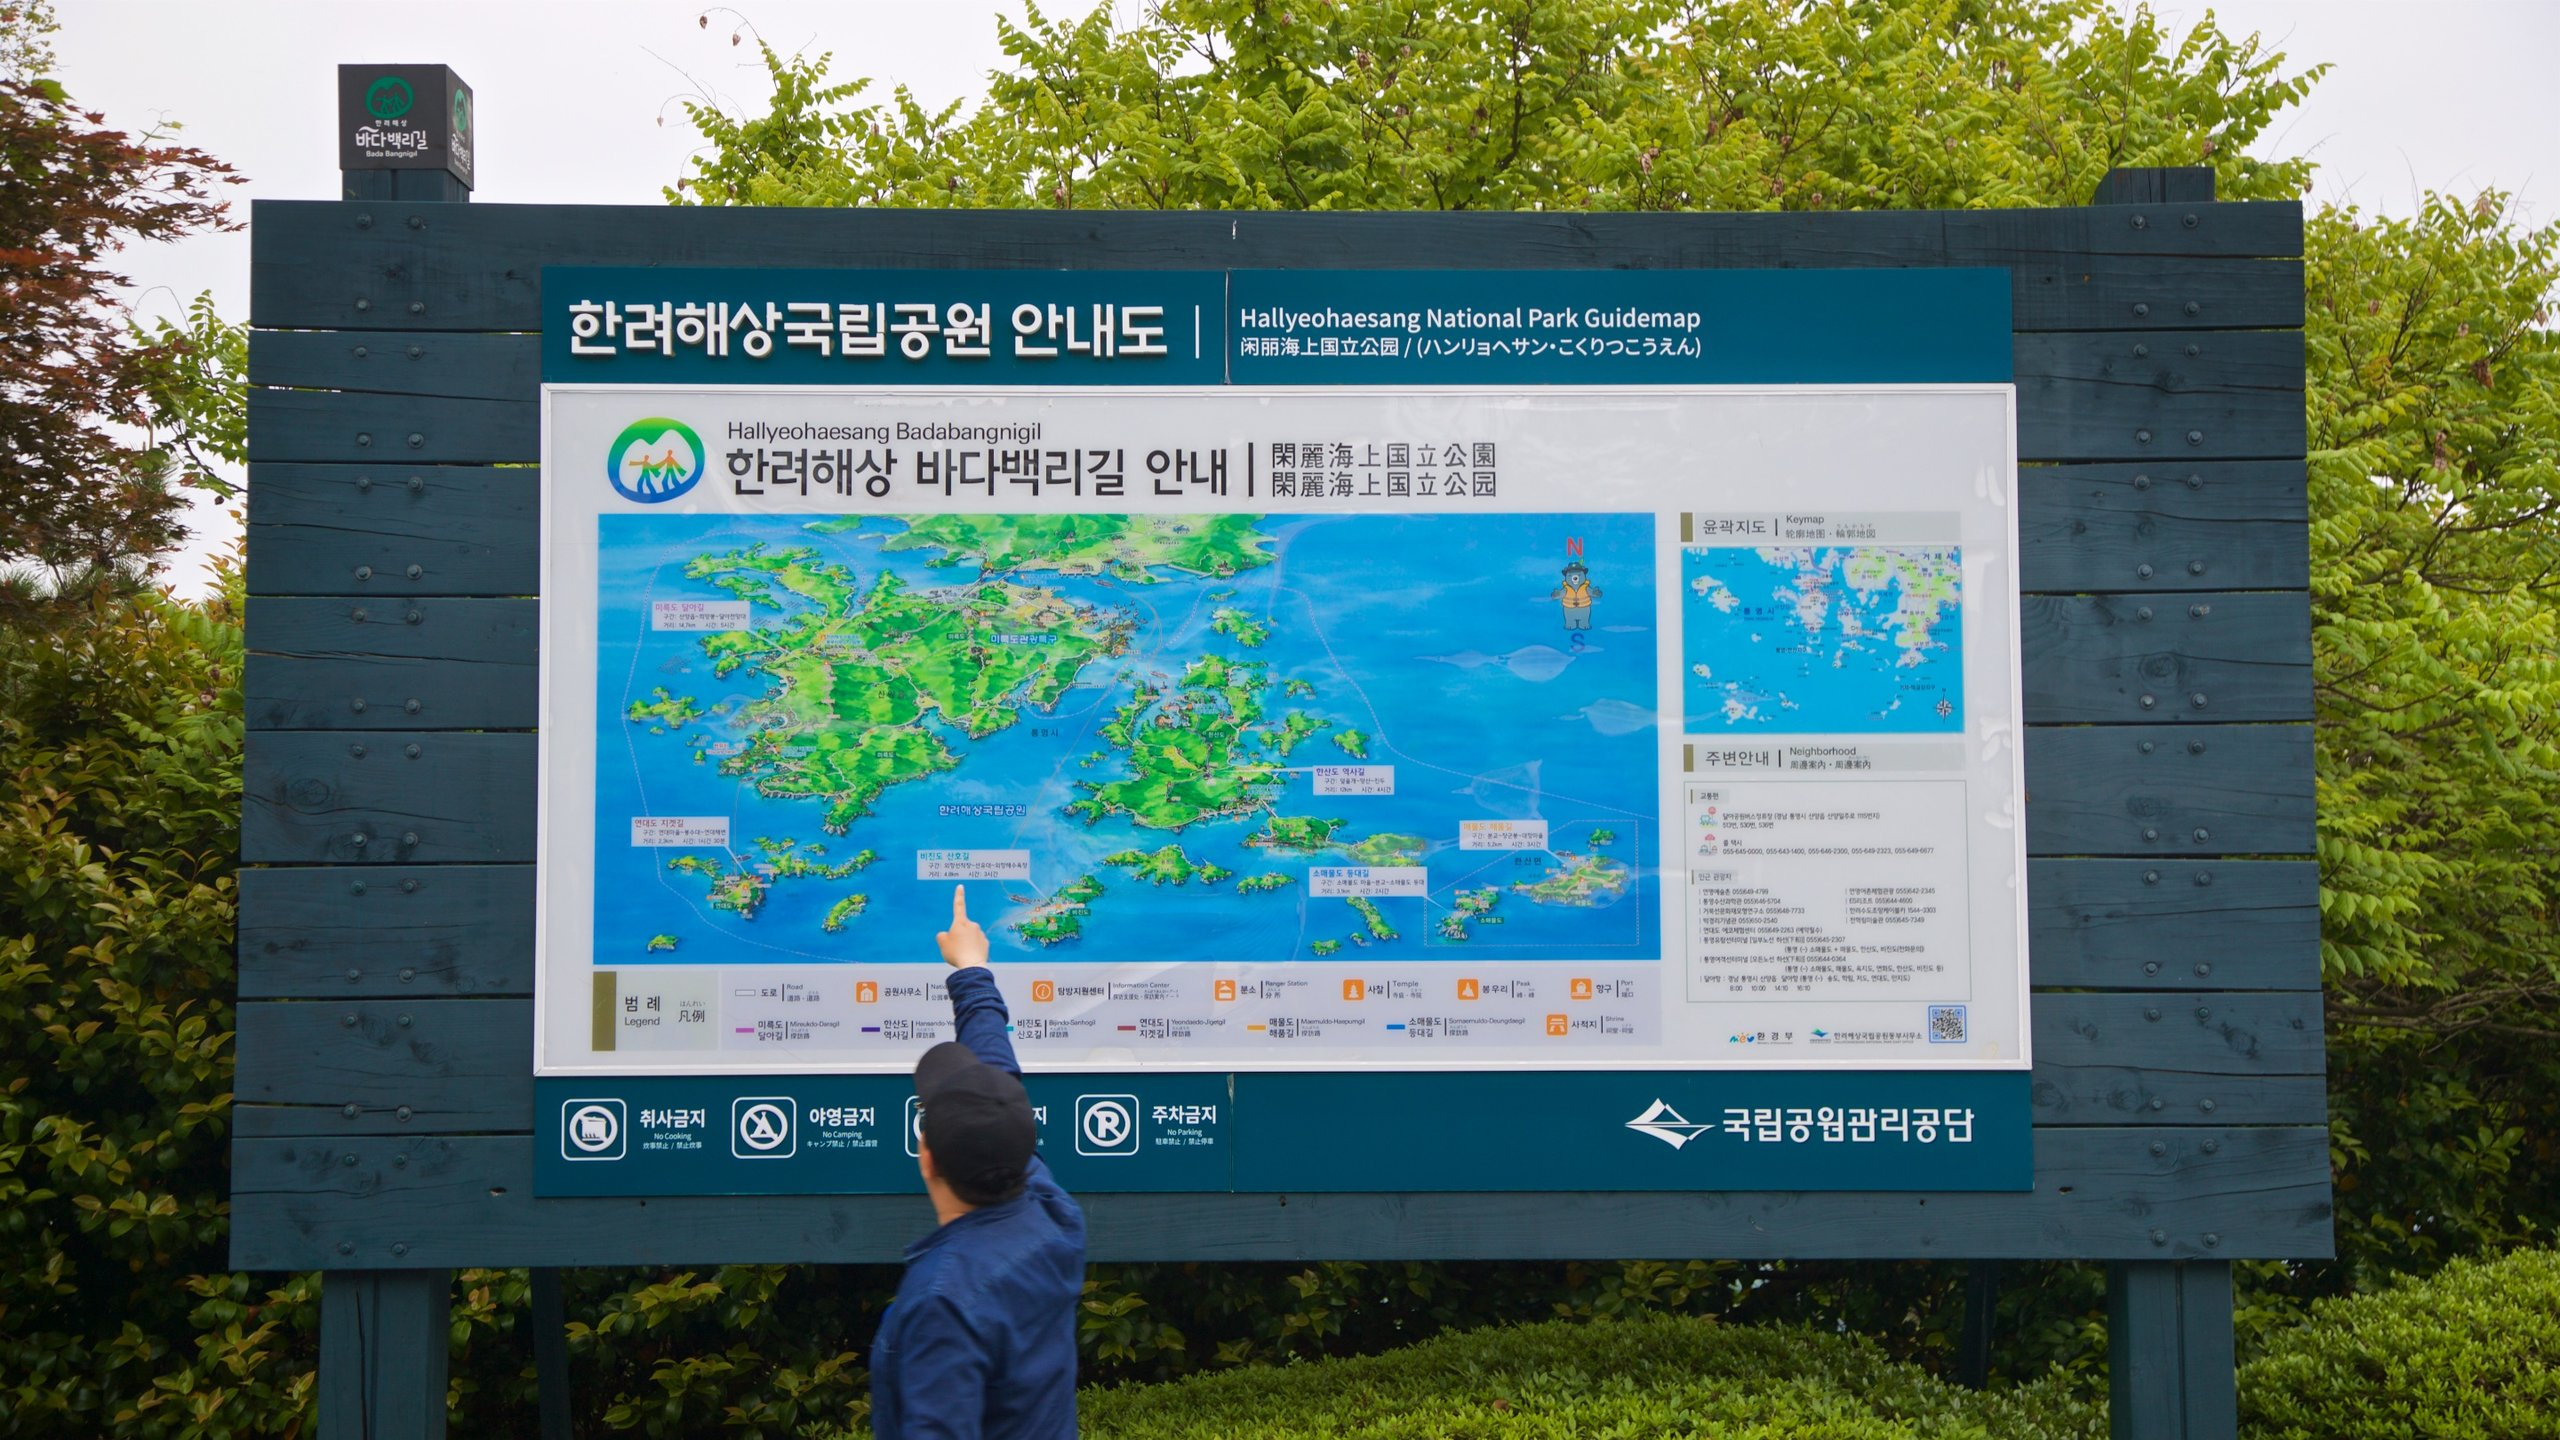 Sanyang-eup, Tongyeong, South Gyeongsang, South Korea